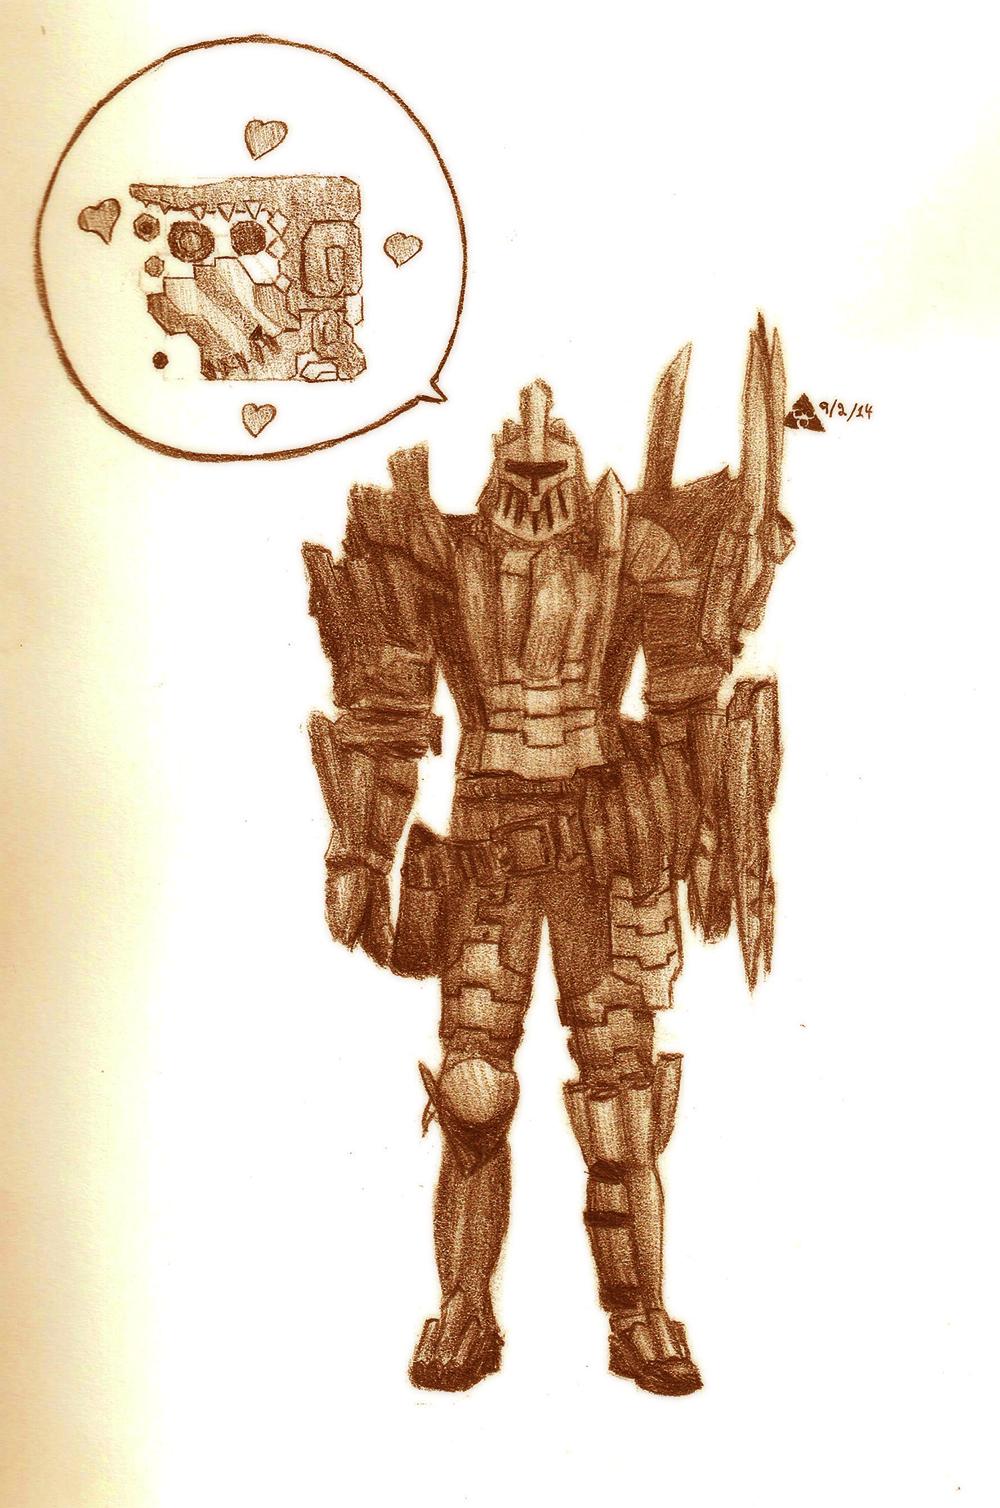 Barroth Hunter